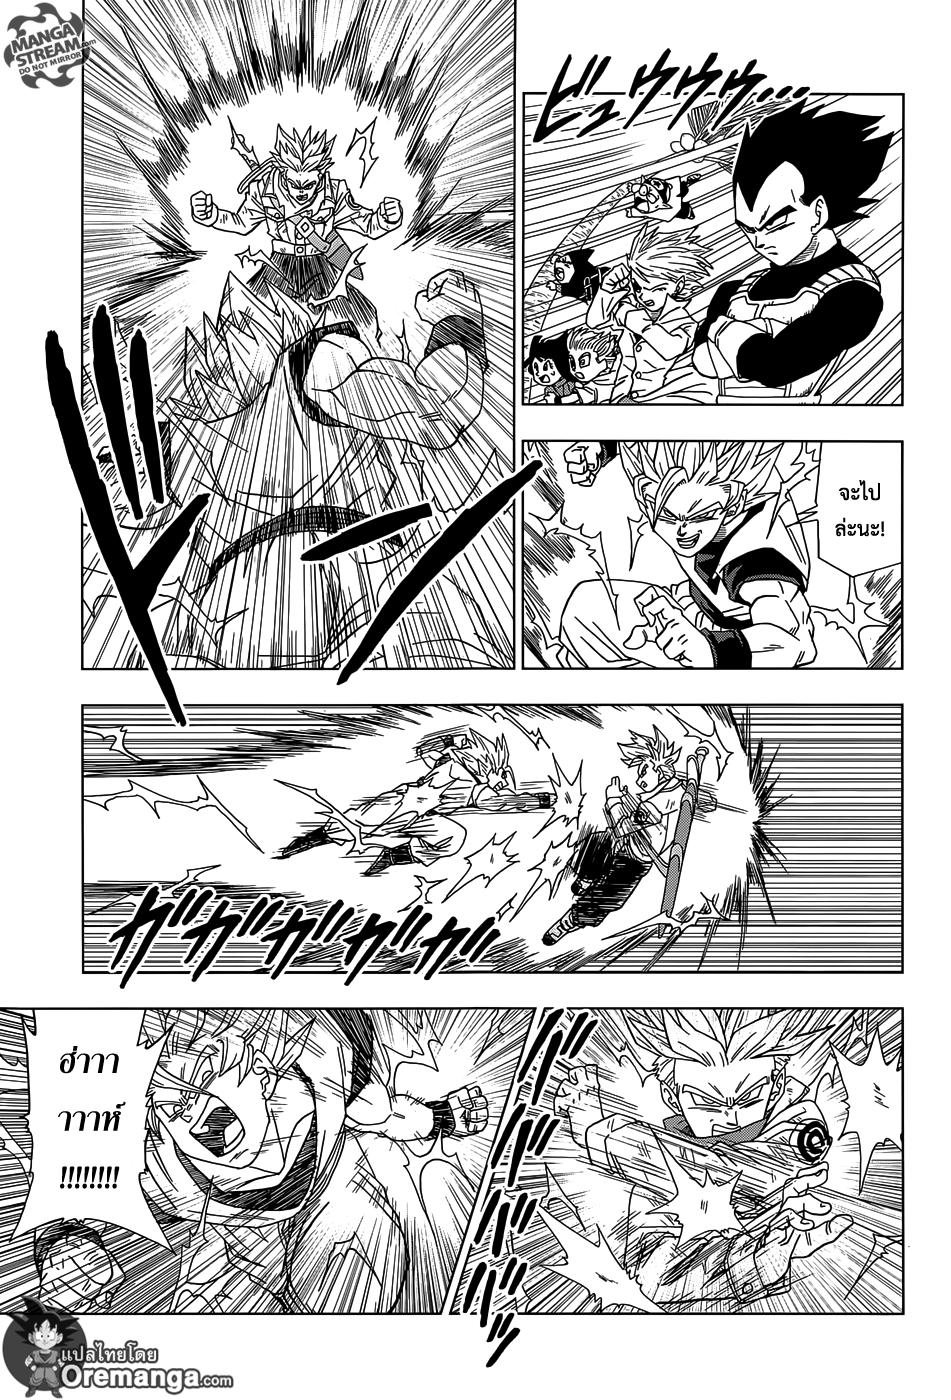 อ่านการ์ตูน Dragonball Super ตอนที่ 15 หน้าที่ 31